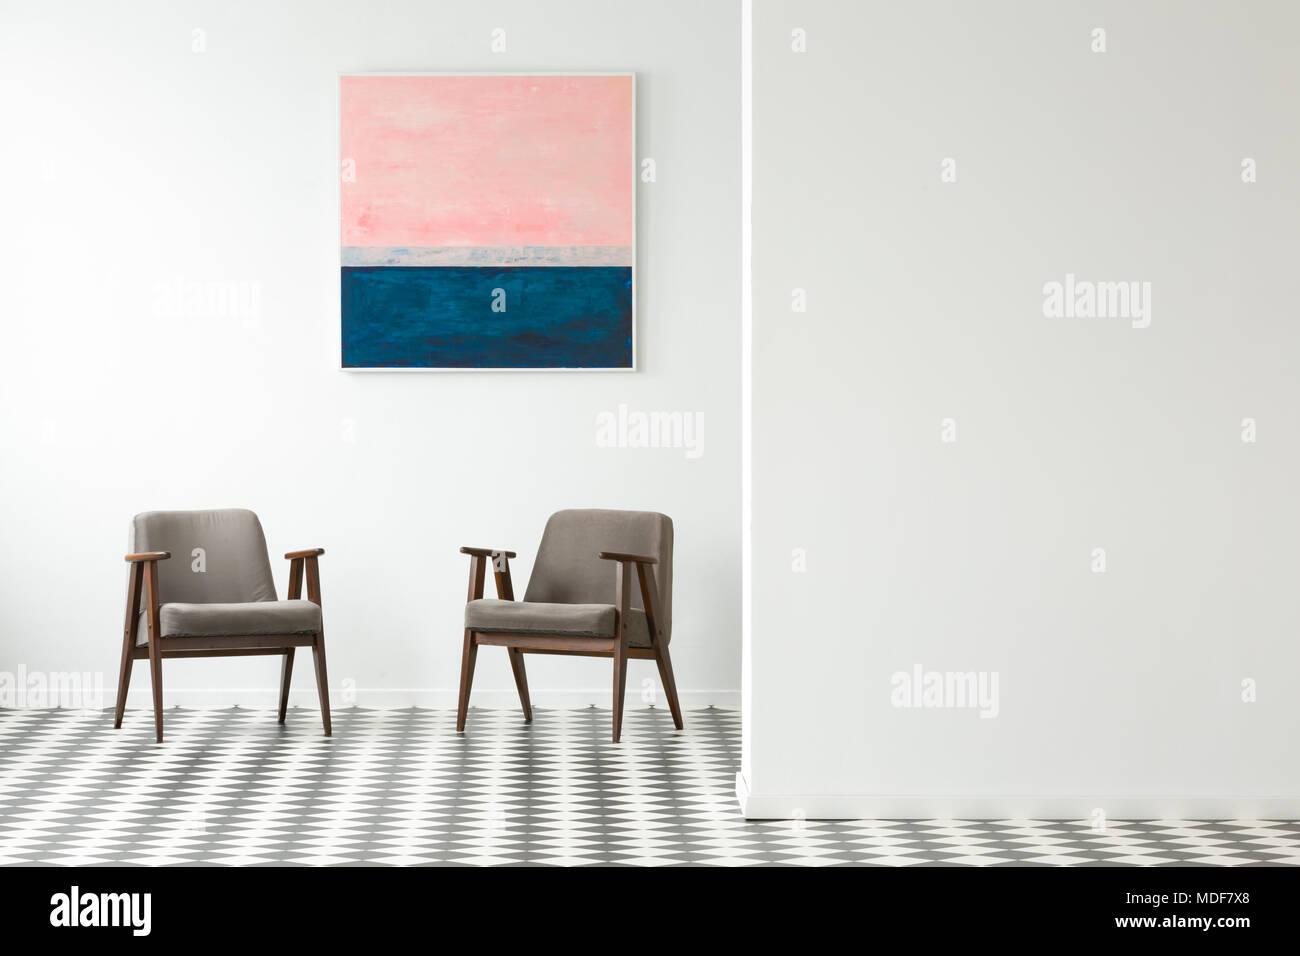 Pavimento Bianco Grigio : Verniciatura pastello sul muro bianco grigio sopra poltrone in